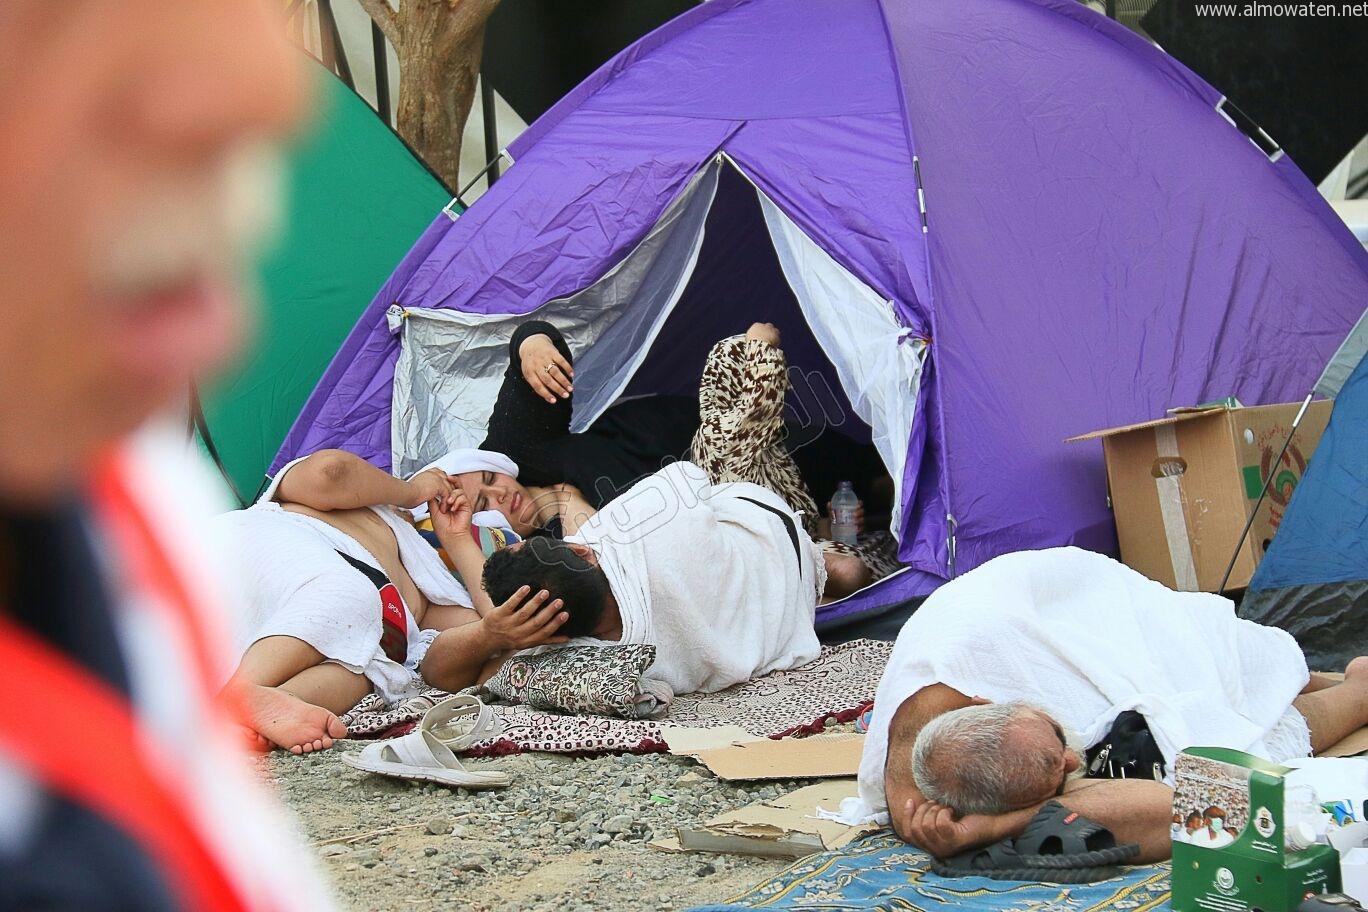 شاهد بالصور.. افتراش وتكدس ومطابخ متنقلة في صعيد عرفات - المواطن